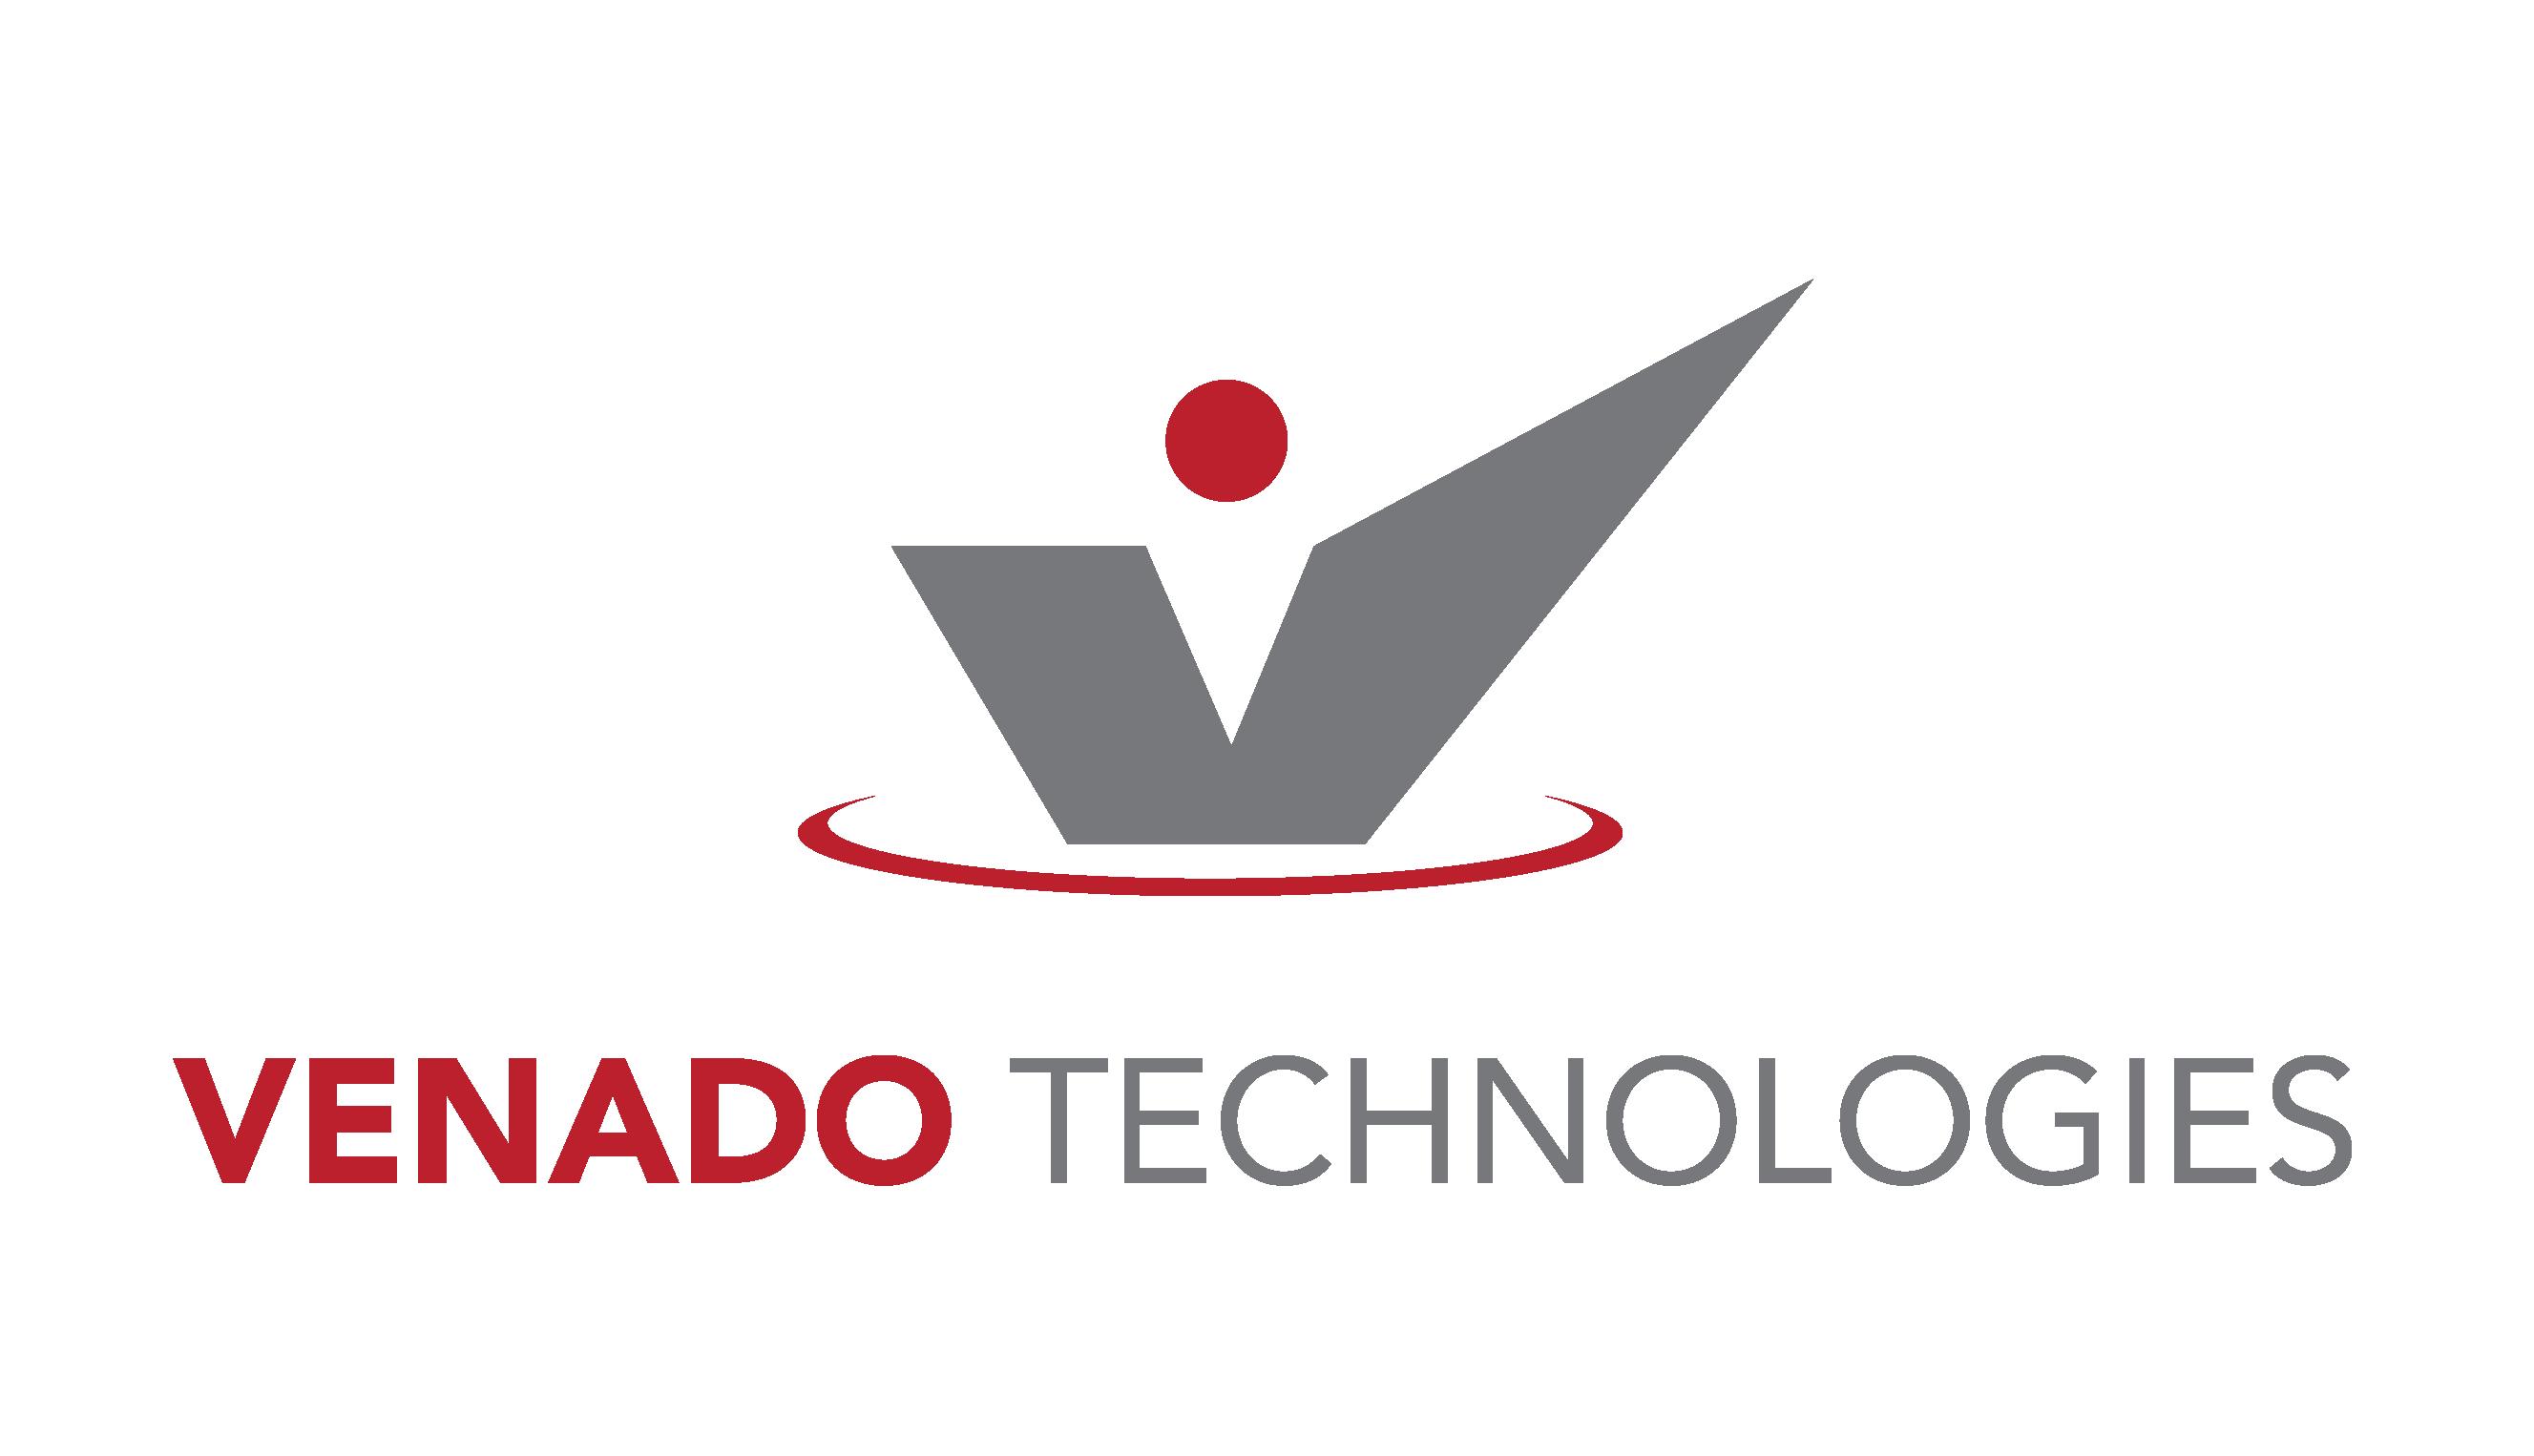 Venado Technologies